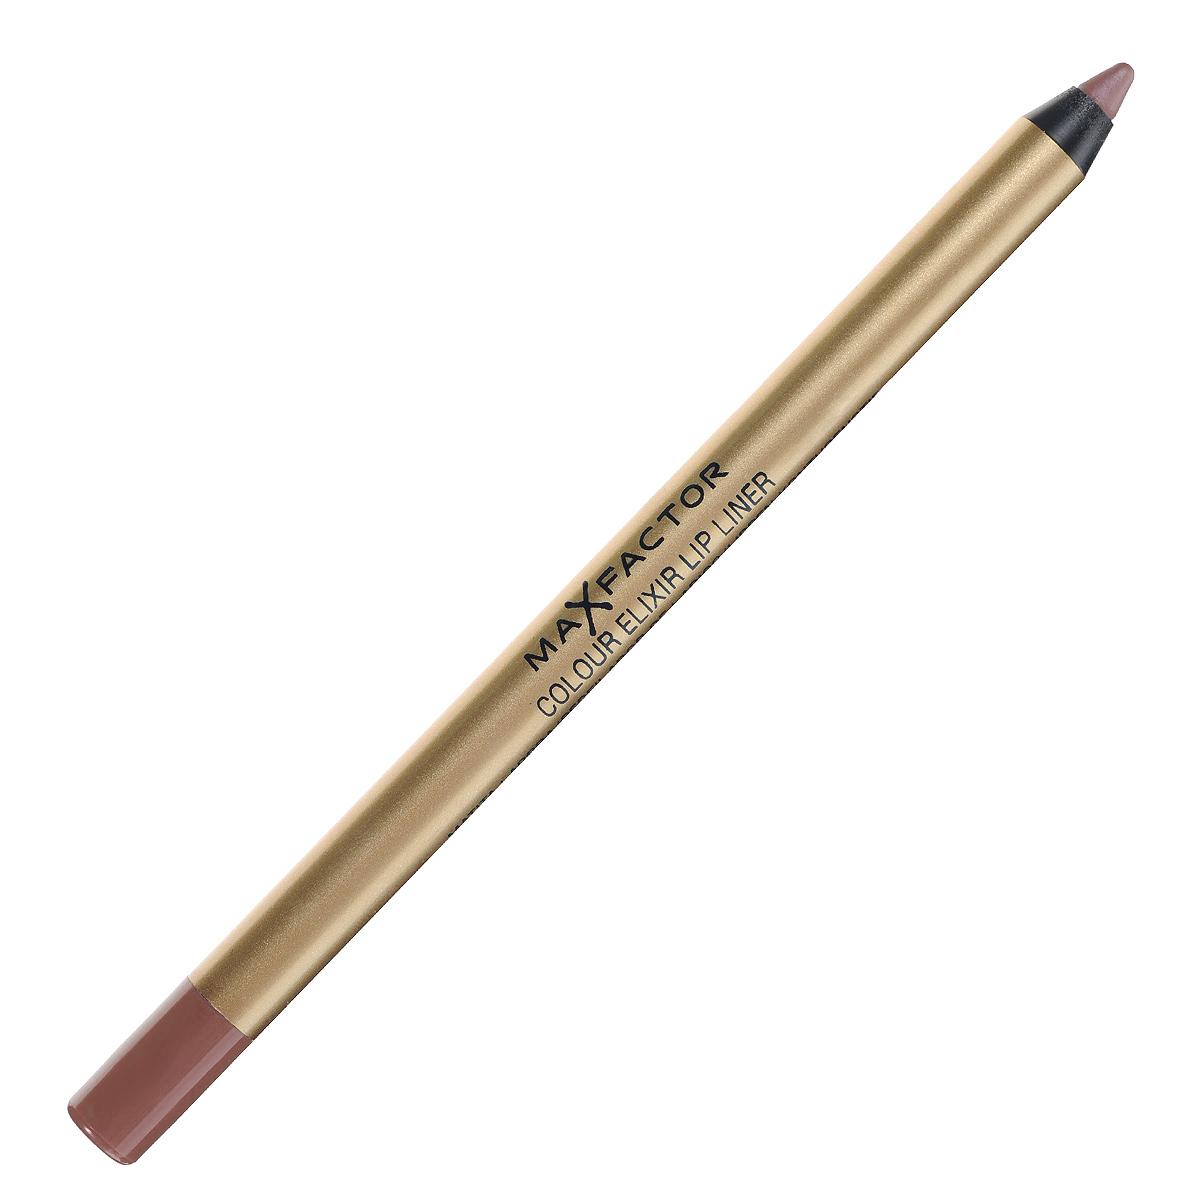 Max Factor Карандаш для губ Colour Elixir Lip Liner, тон №14 brown n nude, цвет: коричневый28032022Секрет эффектного макияжа губ - правильный карандаш. Он мягко касается губ и рисует точную линию, подчеркивая контур и одновременно ухаживая за губами. Карандаш для губ Colour Elixir подчеркивает твои губы, придавая им форму. - Роскошный цвет и увлажнение для мягких и гладких губ. - Оттенки подходят к палитре помады Colour Elixir. - Легко наносится.1. Выбирай карандаш на один тон темнее твоей помады 2. Наточи карандаш и смягчи кончик салфеткой 3. Подведи губы в уголках, дугу Купидона и середину нижней губы, затем соедини линии 4. Нанеси несколько легких штрихов на губы, чтобы помада держалась дольше.